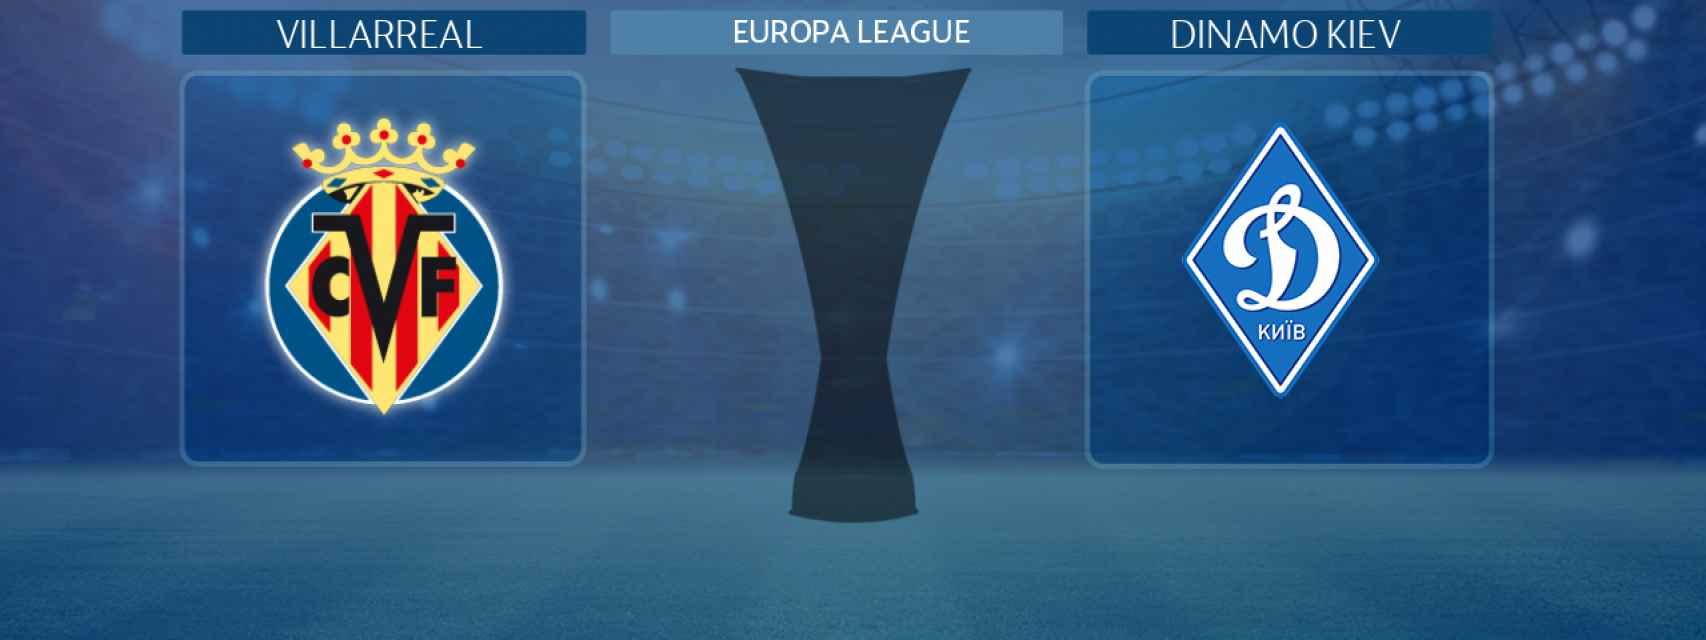 Villarreal - Dinamo Kiev, partido de la Europa League